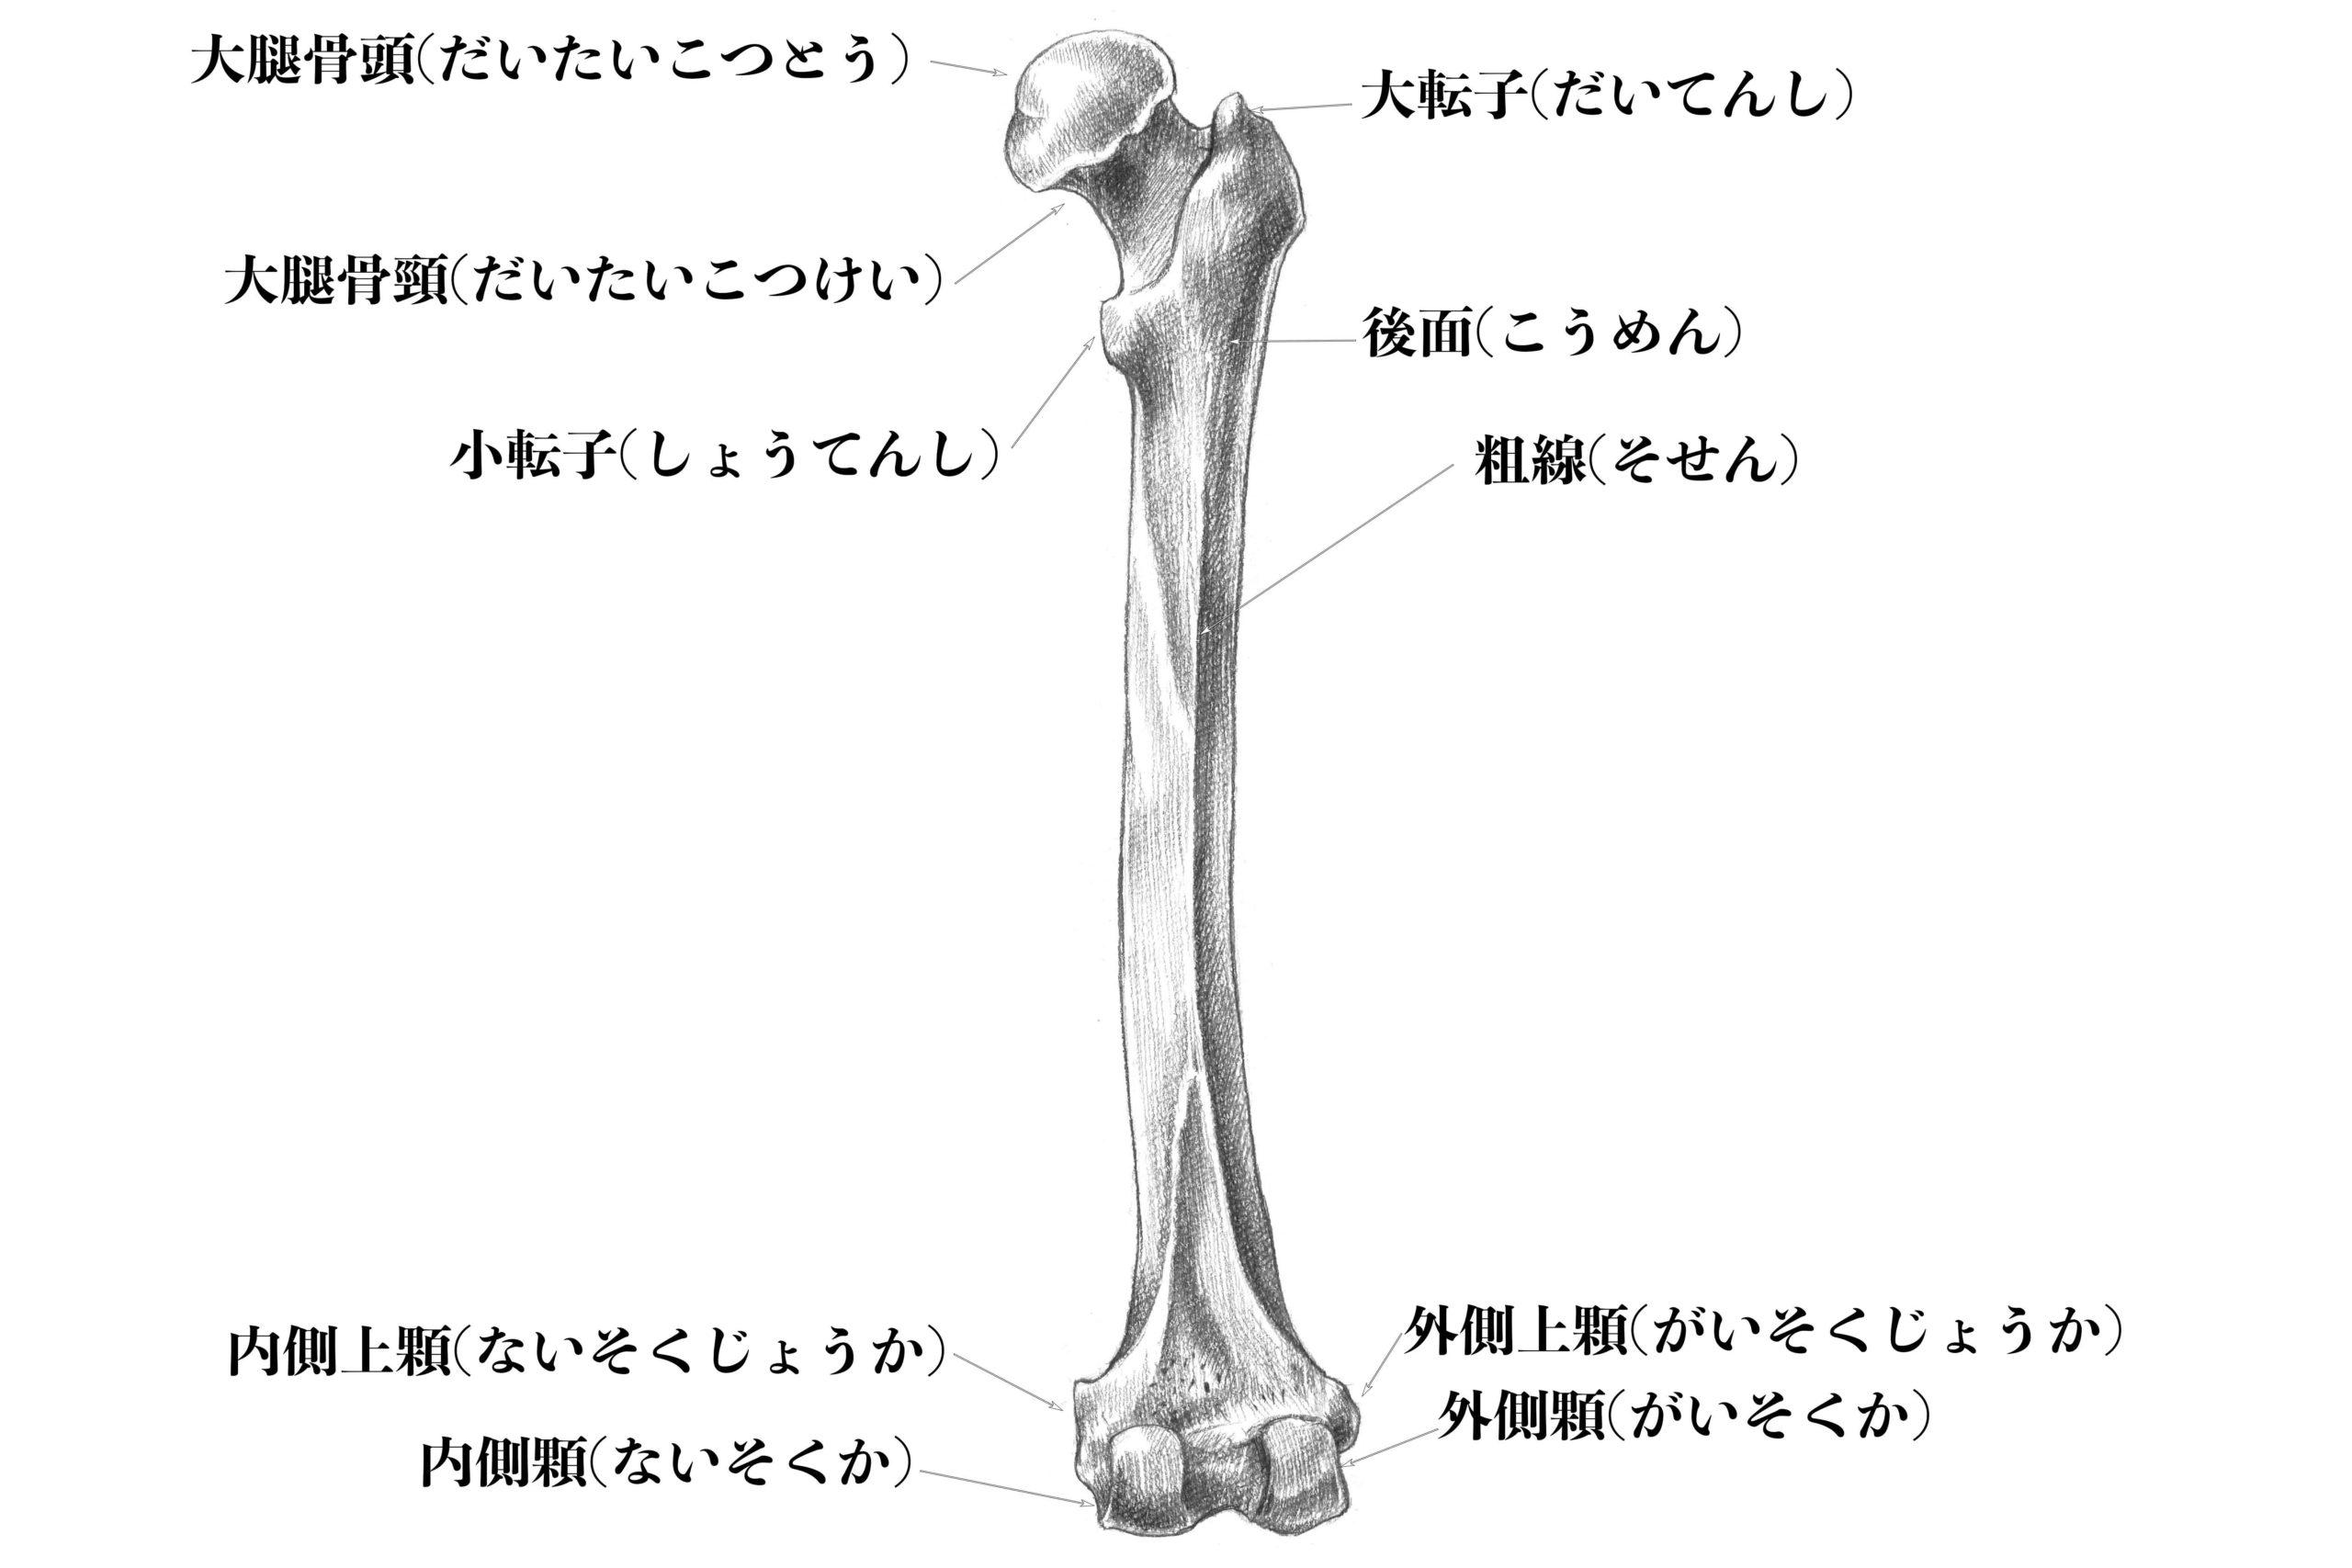 大腿骨(後ろから)